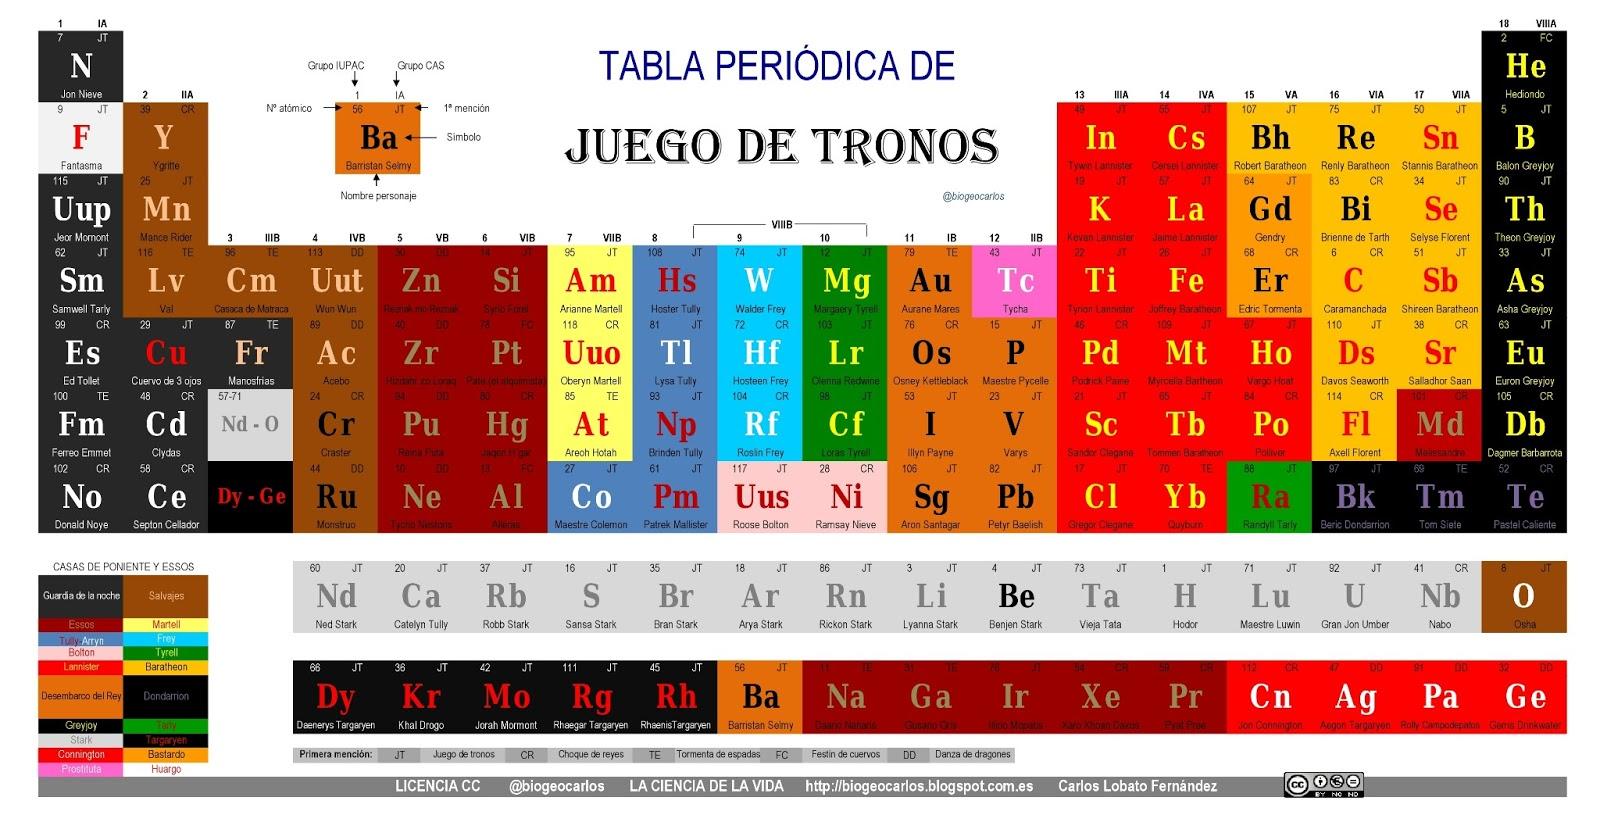 La ciencia de la vida la tabla peridica de juego de tronos tabla peridica de juego de tronos ii pincha en la imagen para ampliarla urtaz Image collections